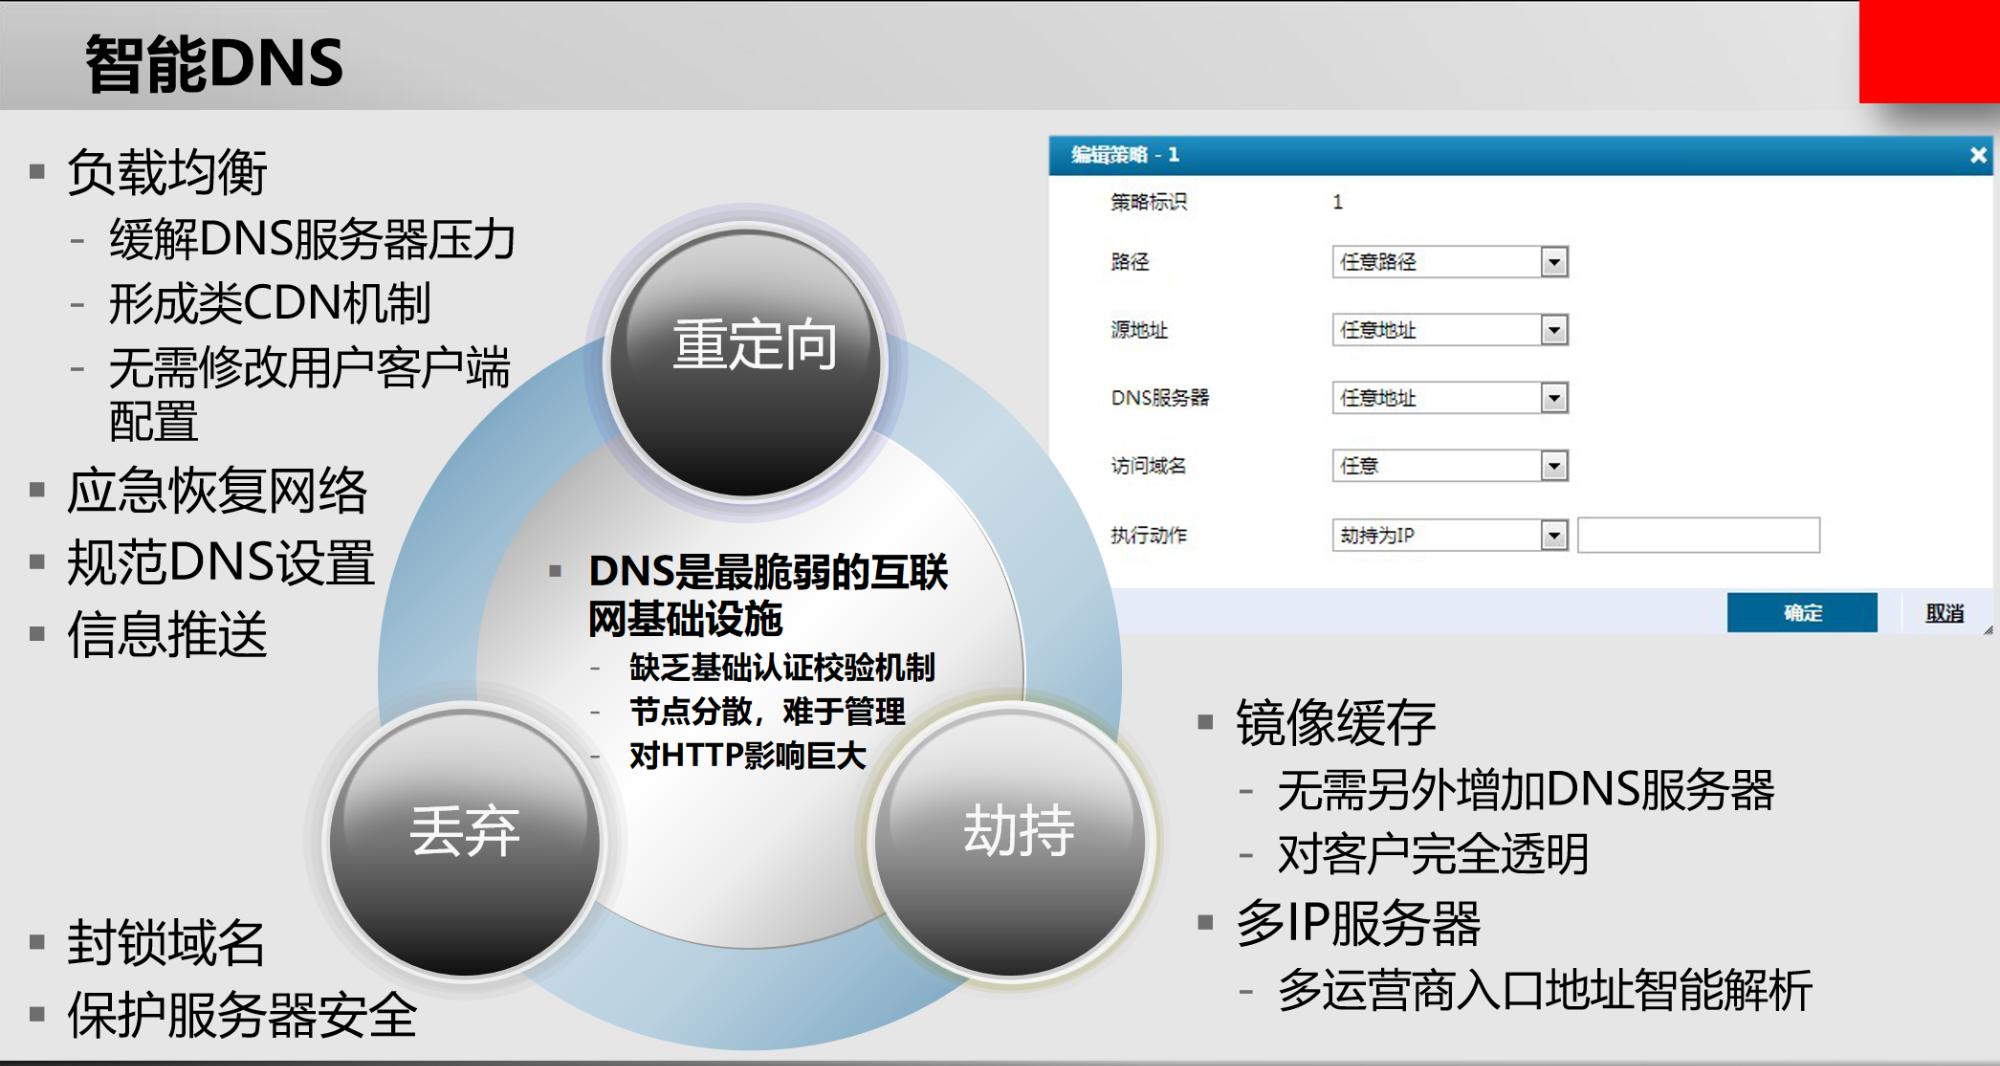 漳州堡垒机系统管理平台 创造辉煌「浙江越昕供应」